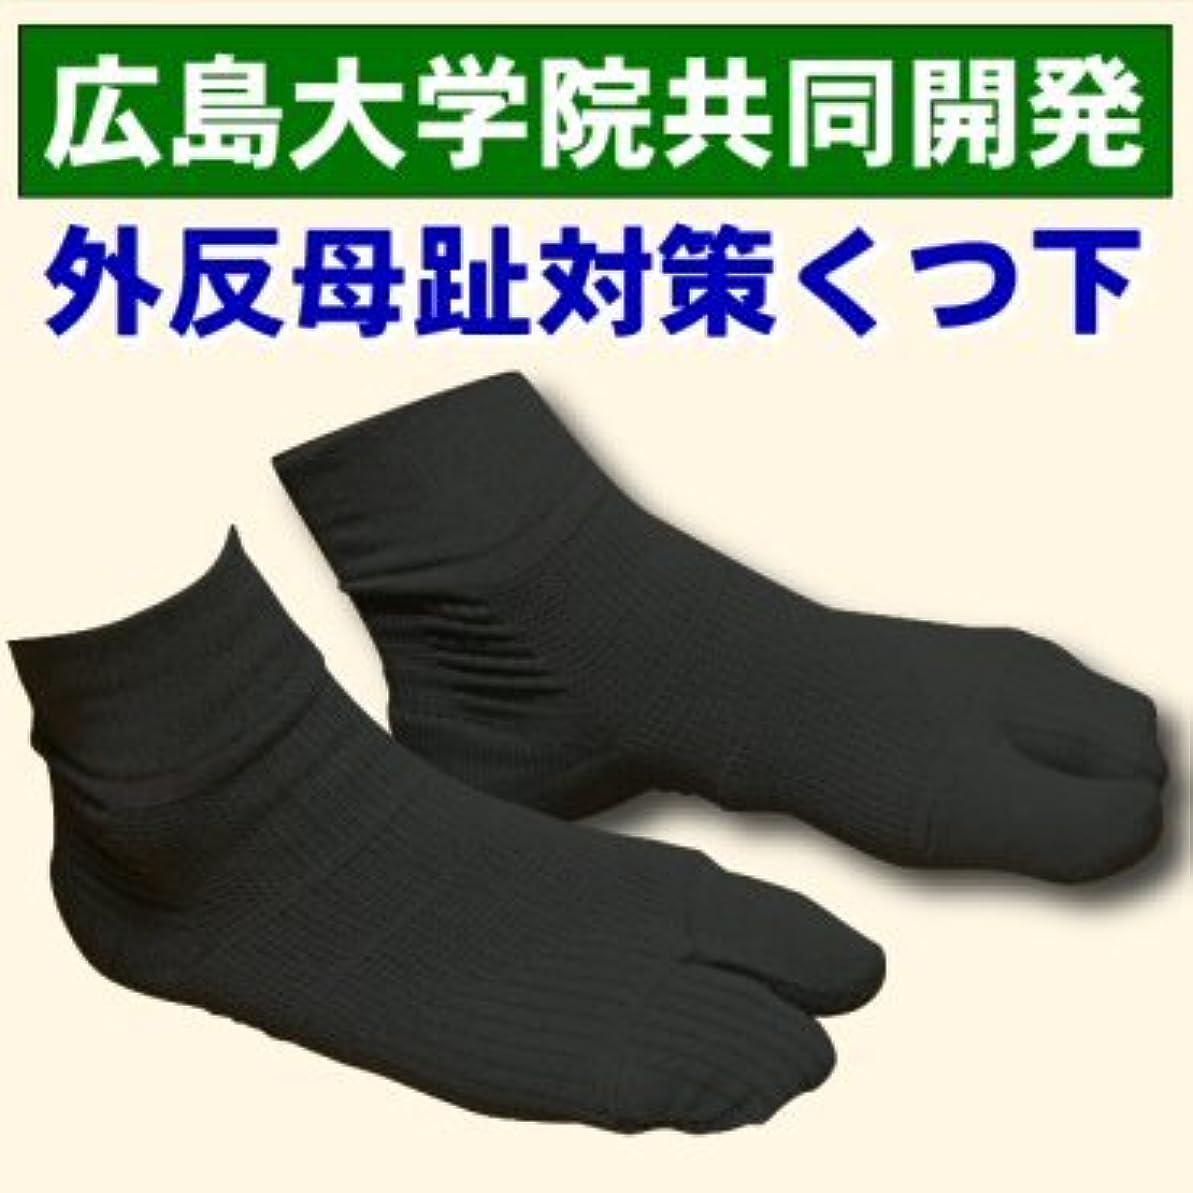 円形の飲み込む合理化外反母趾対策靴下(24-25cm?ブラック)【日本製】